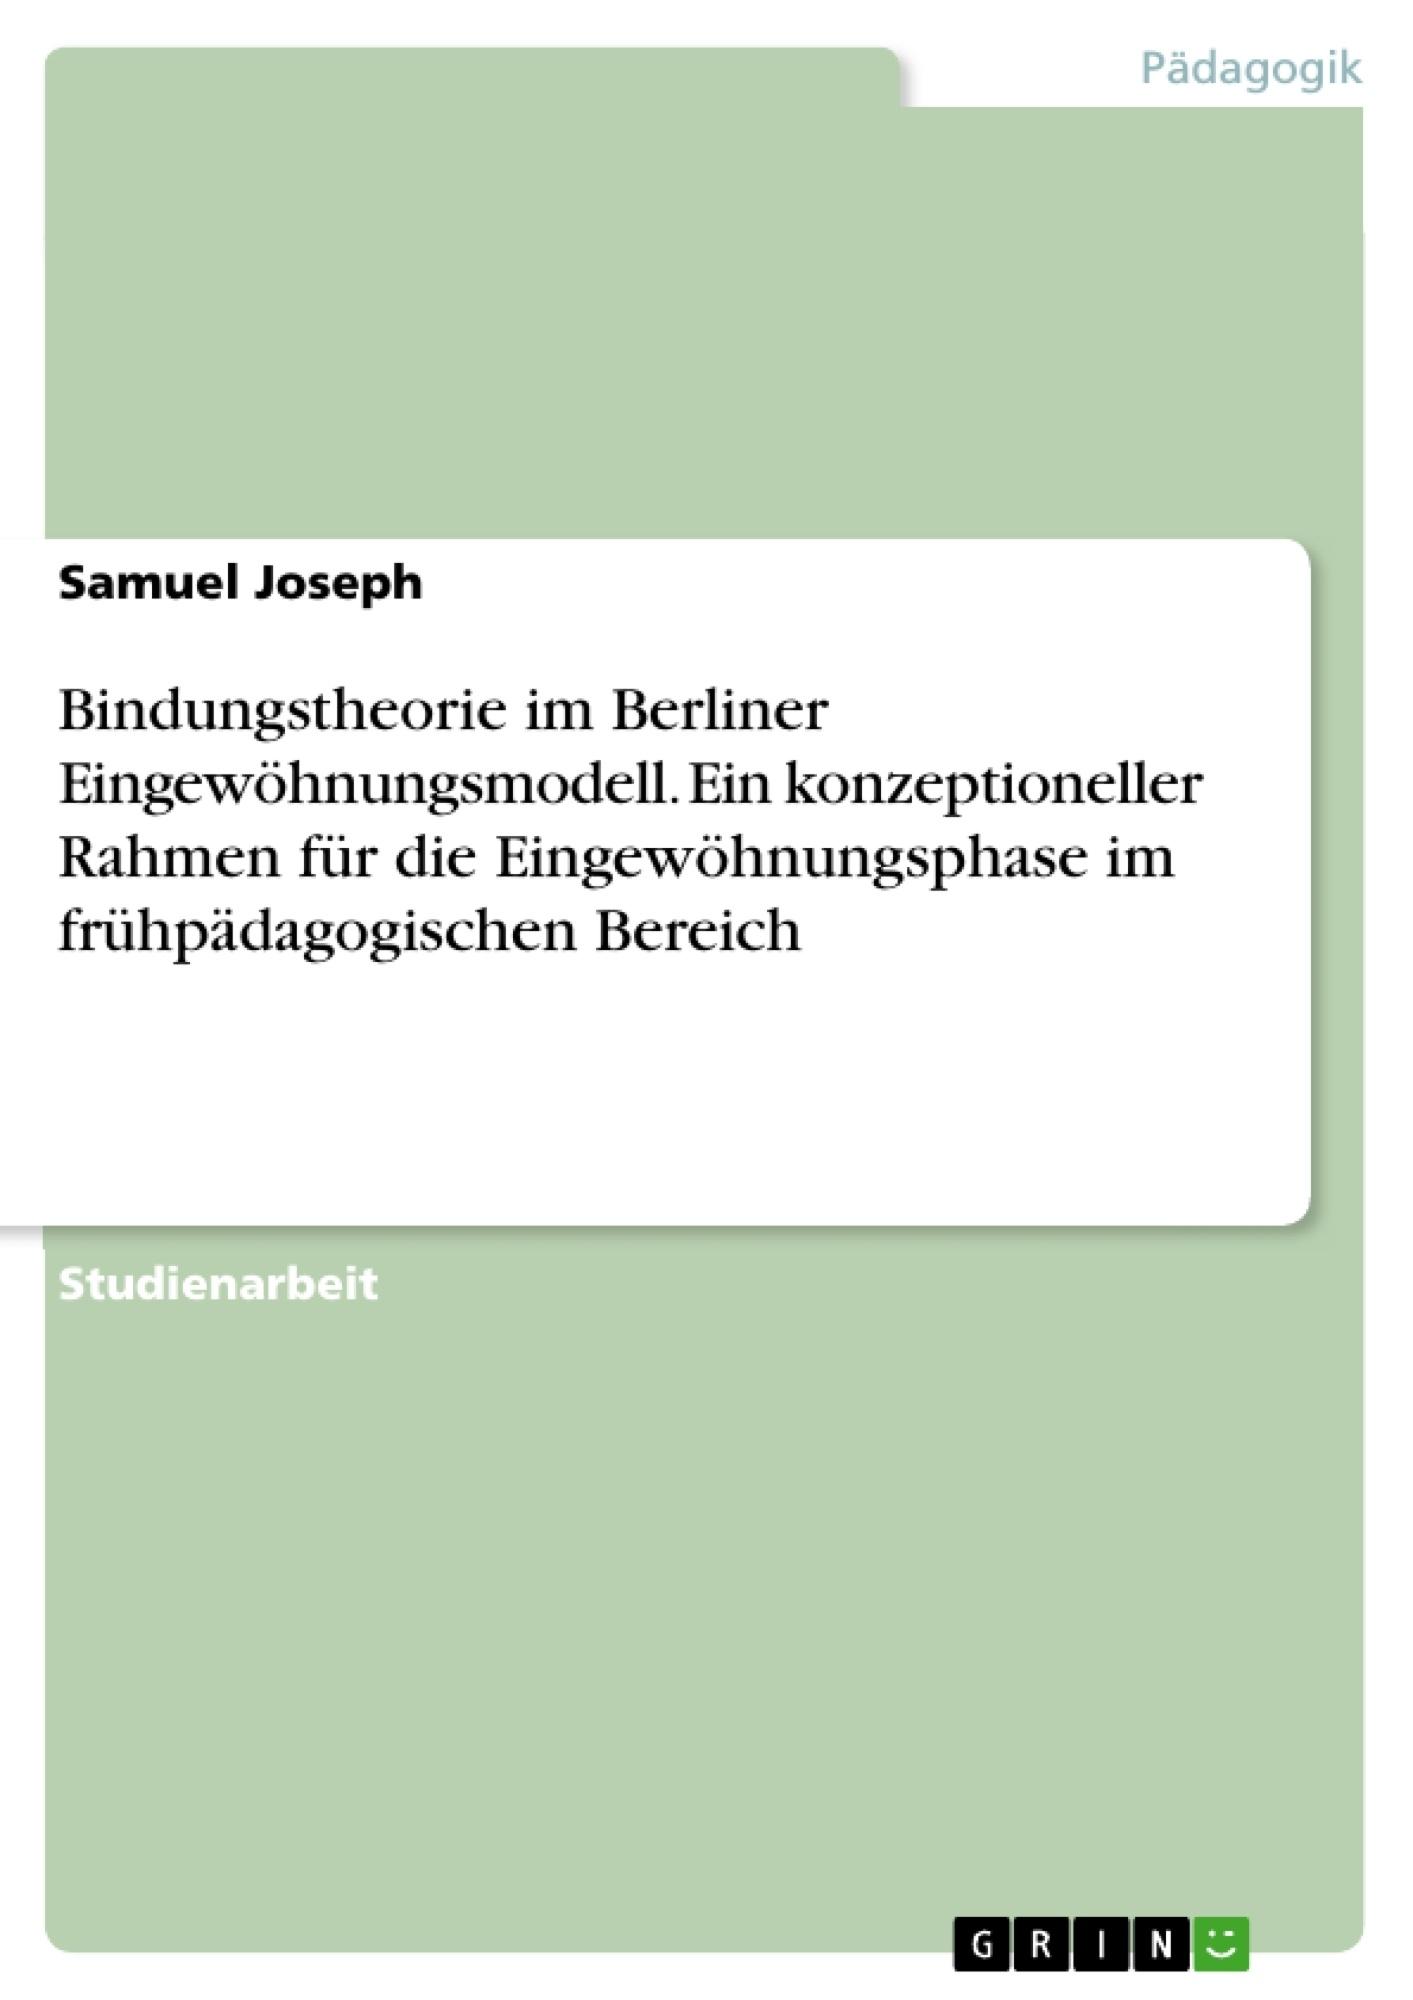 Titel: Bindungstheorie im Berliner Eingewöhnungsmodell. Ein konzeptioneller Rahmen für die Eingewöhnungsphase im frühpädagogischen Bereich